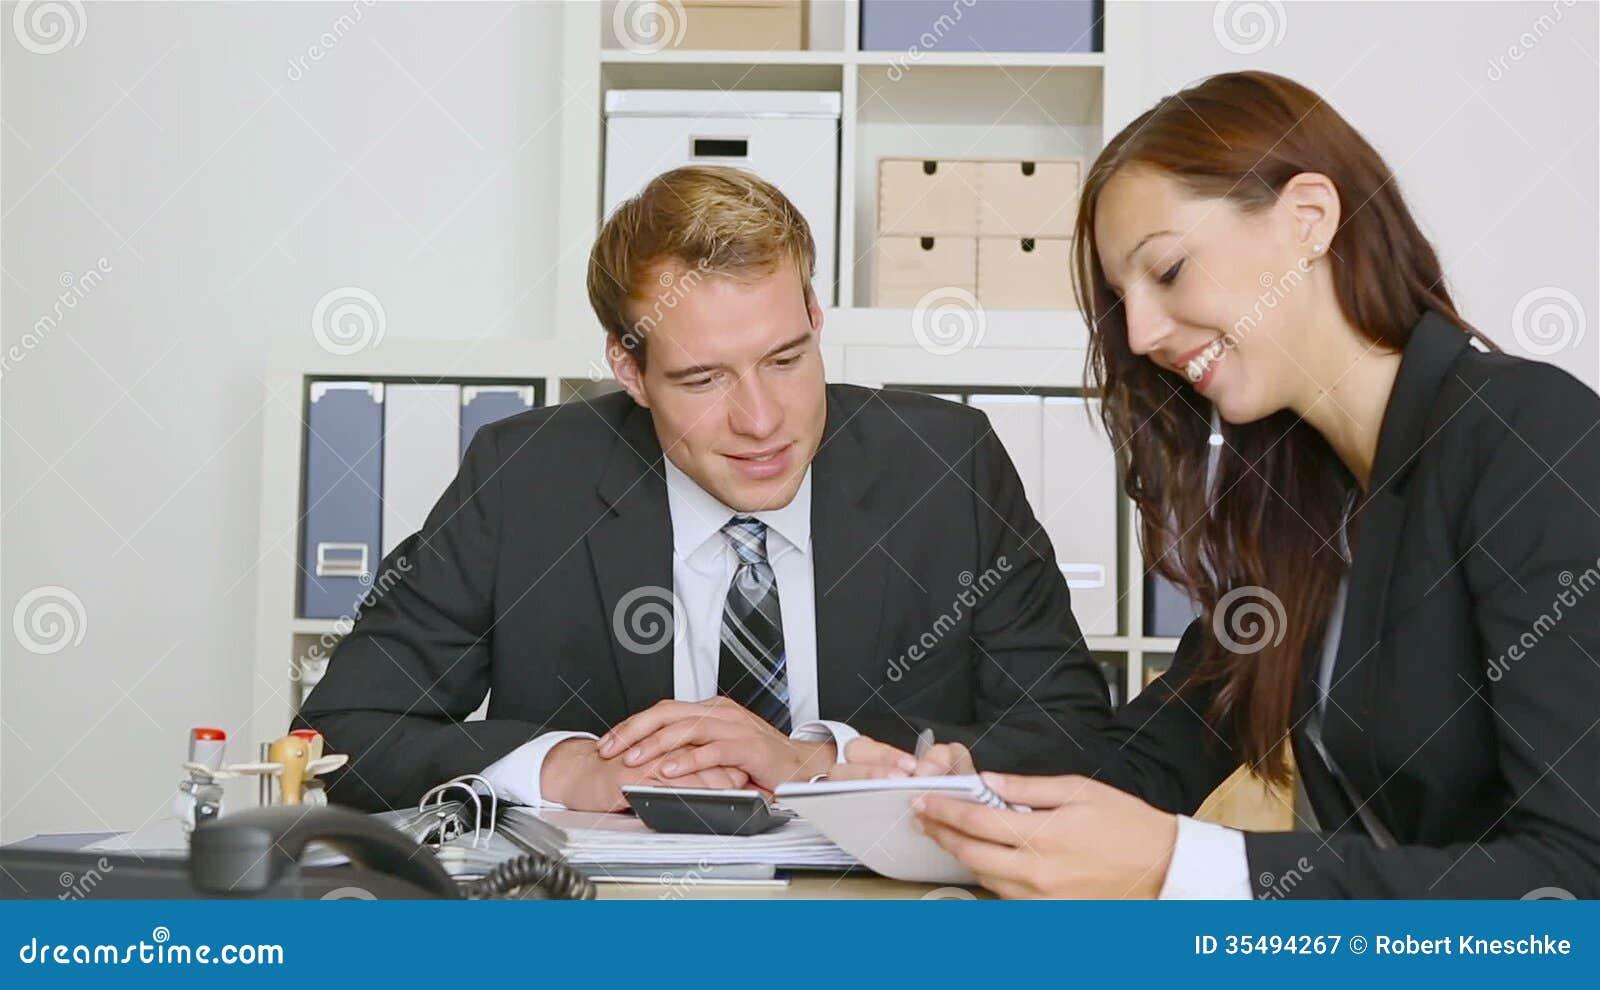 Business Client